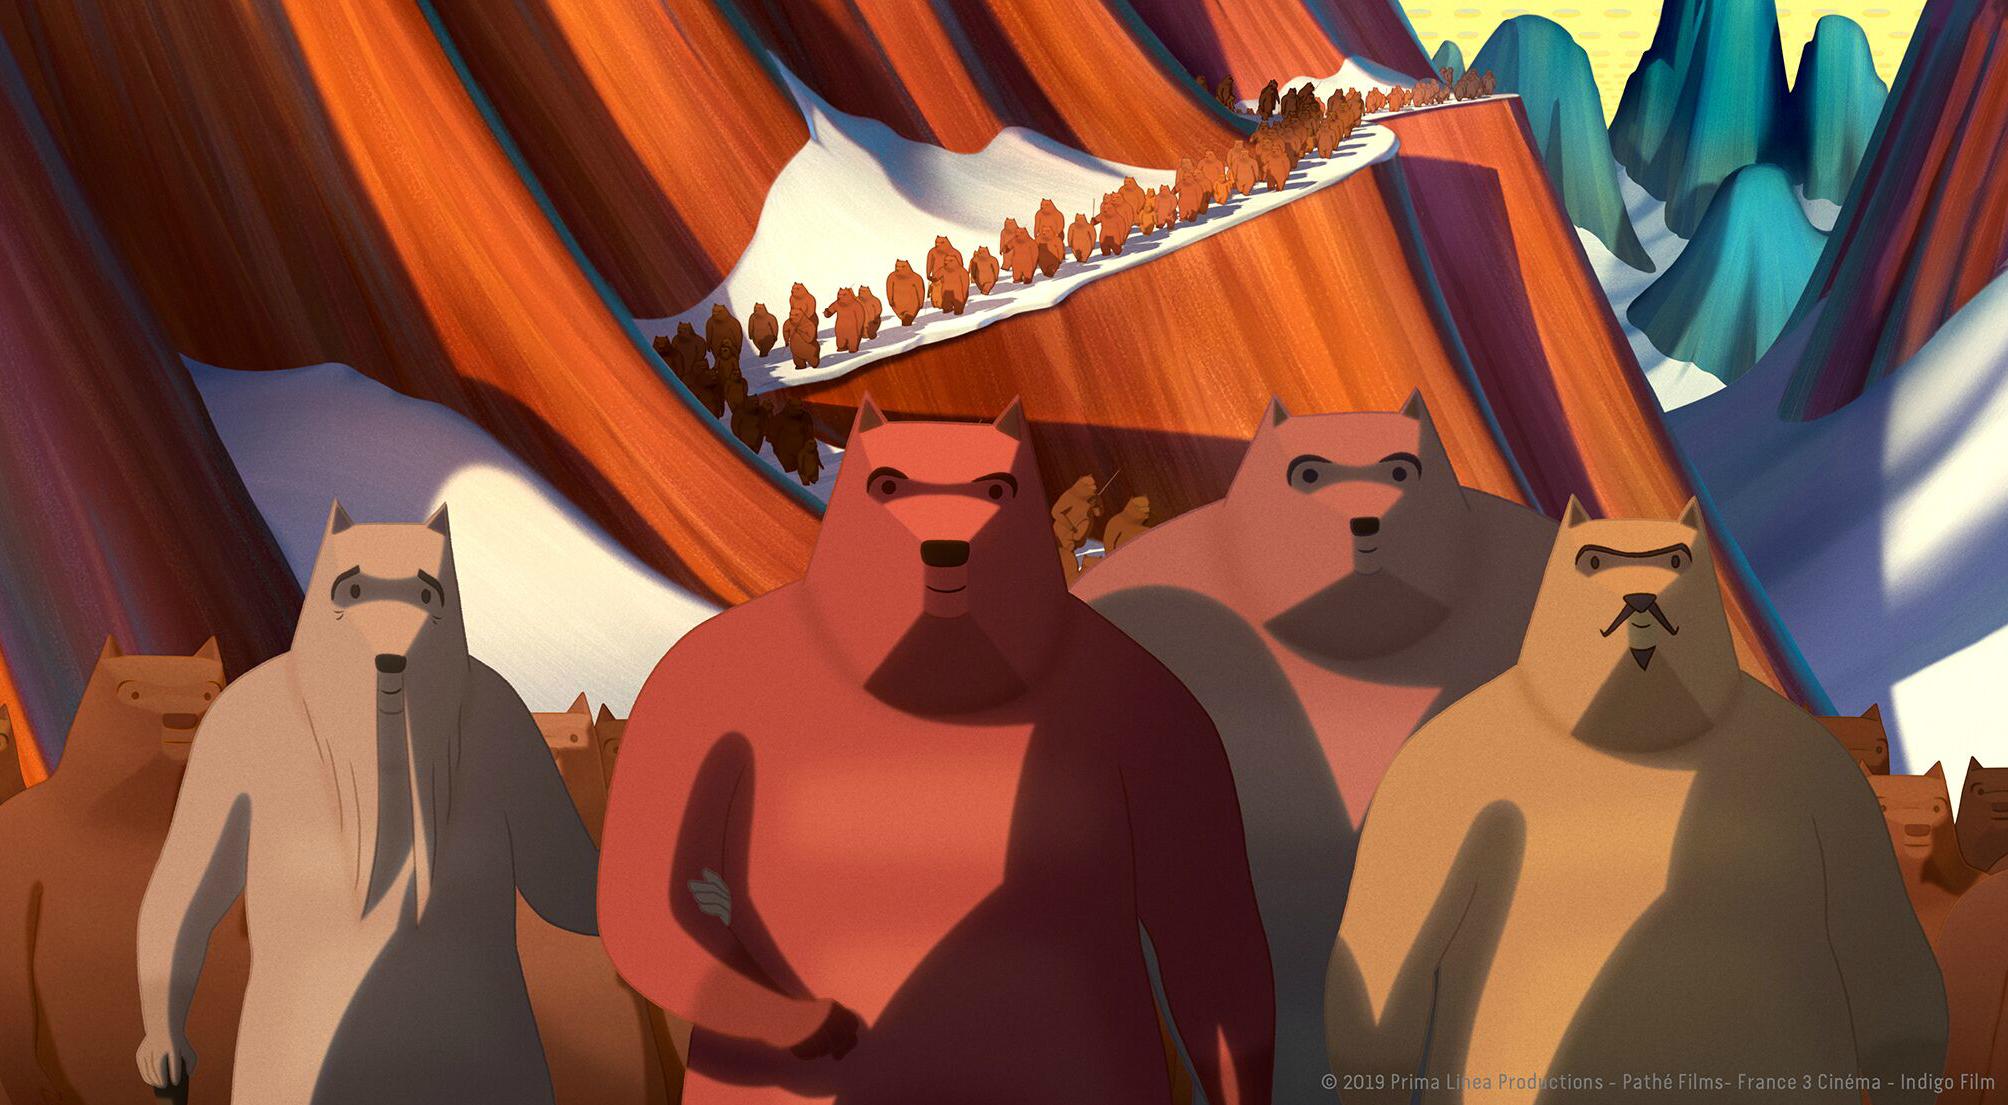 La famosa invasione degli orsi in Sicilia in Home Video thumbnail